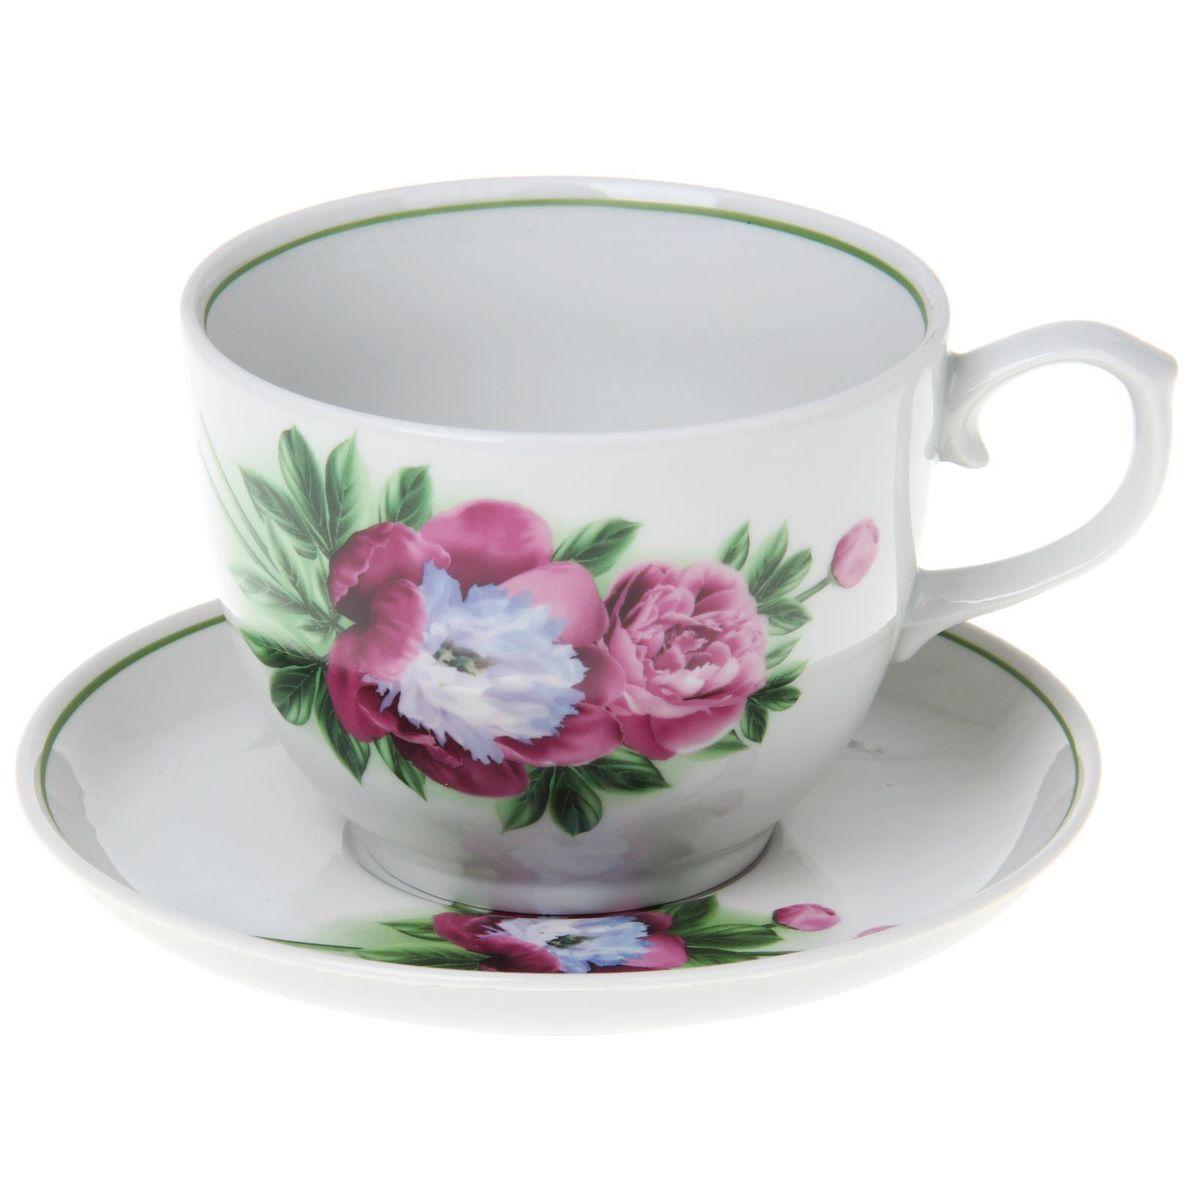 Чайная пара Пион, 2 предмета1303814Чайная пара Пион состоит из чашки и блюдца, изготовленных из высококачественного фарфора. Оригинальный дизайн, несомненно, придется вам по вкусу.Чайная пара Пион украсит ваш кухонный стол, а также станет замечательным подарком к любому празднику.Объем чашки: 500 мл.